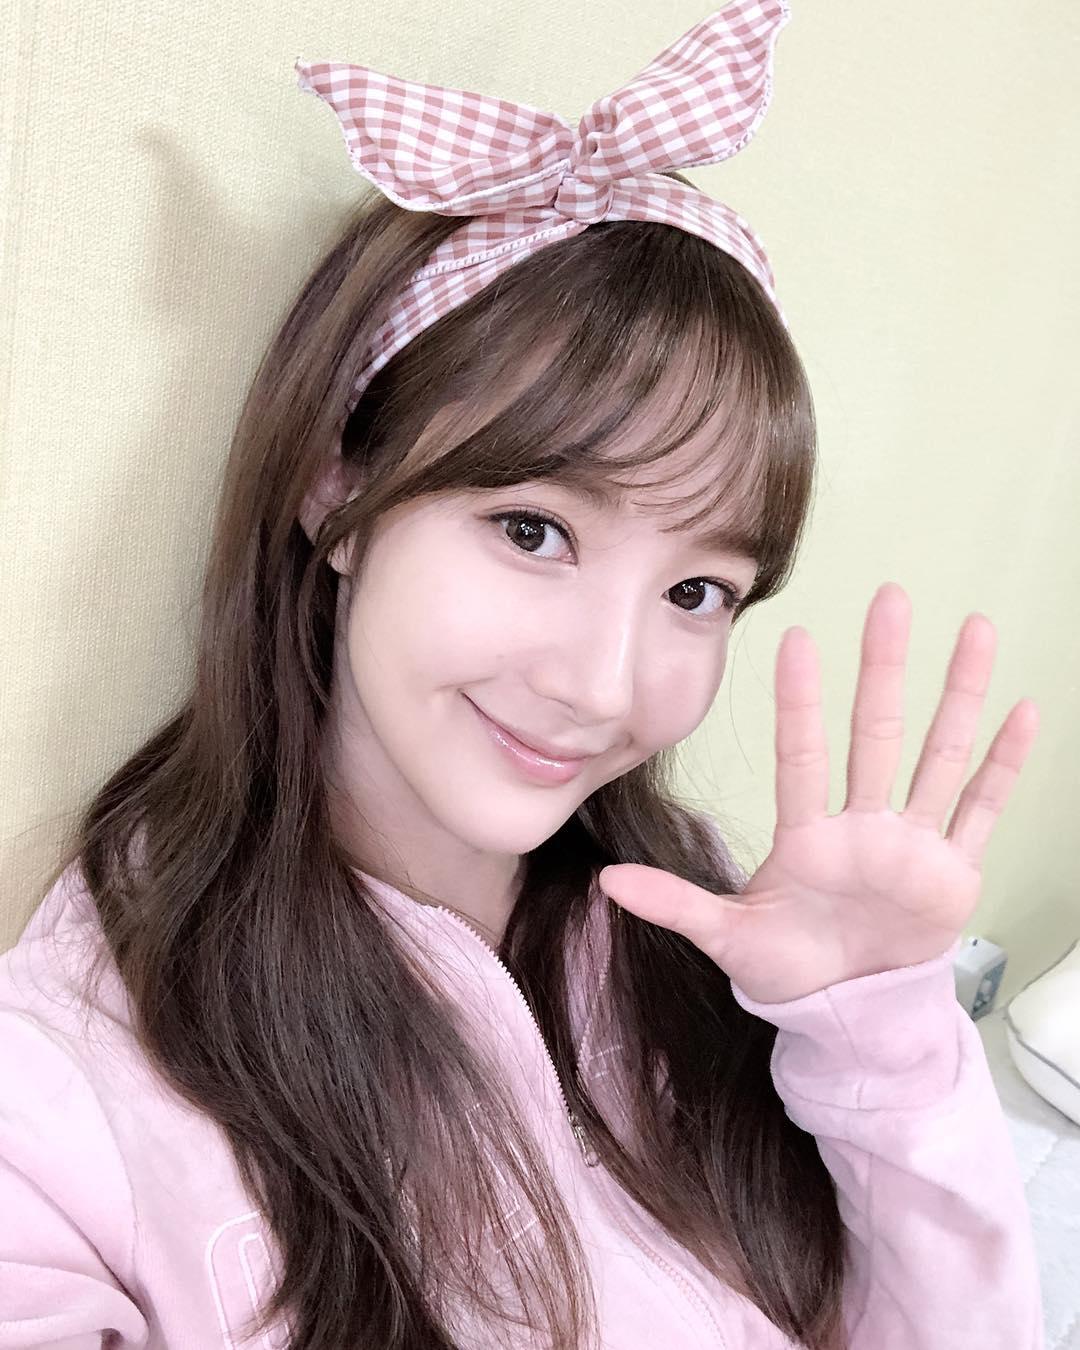 Park Min young south korean actress